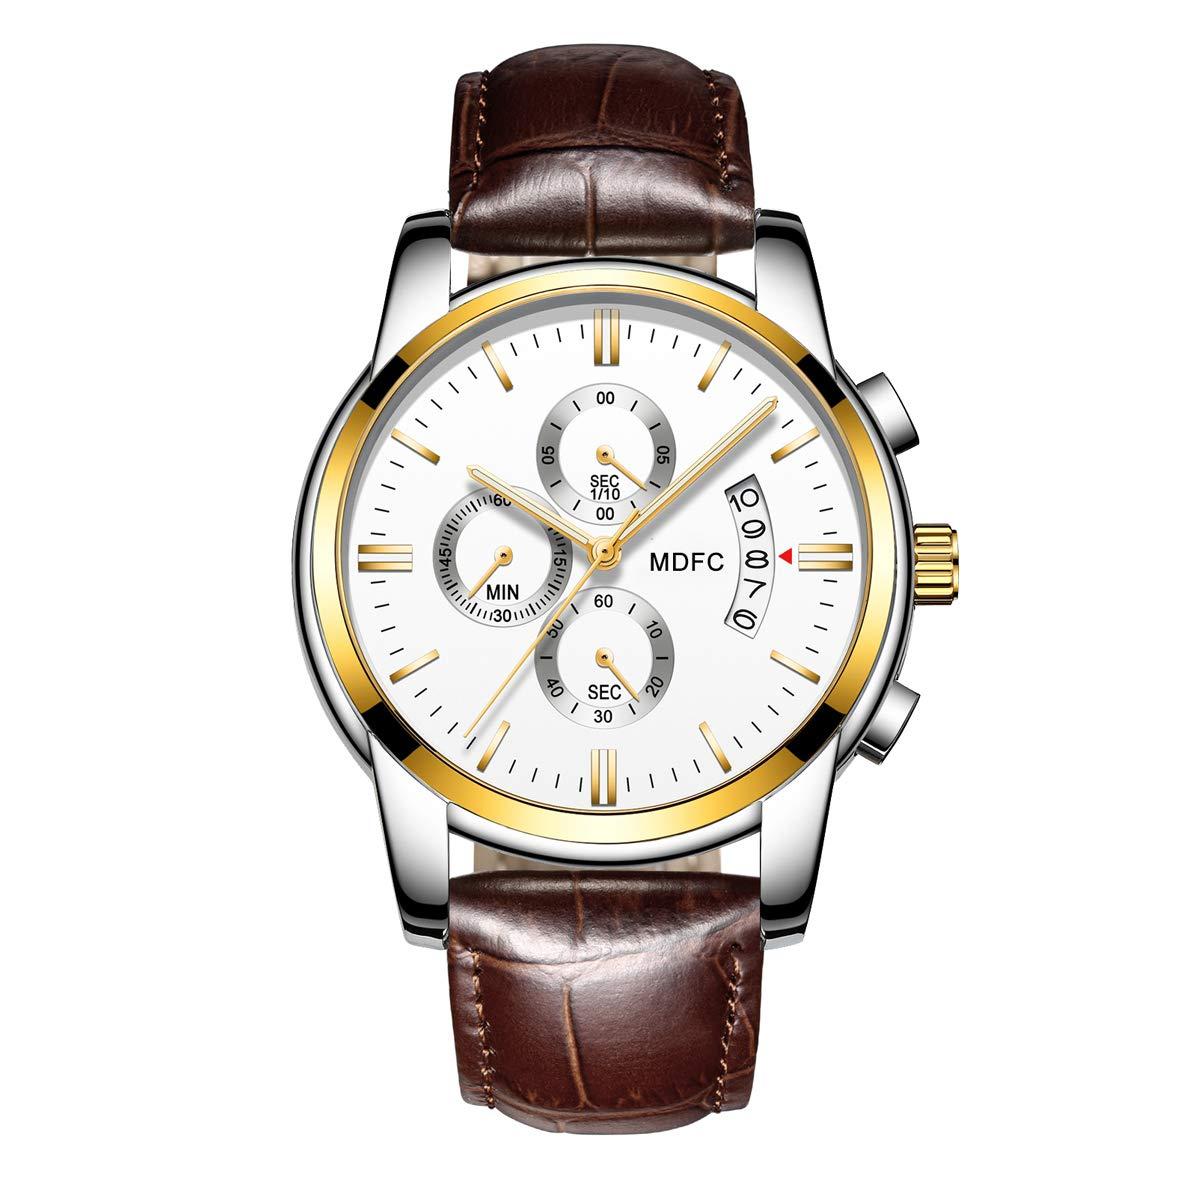 Relojes para Hombres, Reloj con Correa de Cuero de Cuarzo Ideal para atuendos Casuales, Deportivos y Formales con Resistencia al Agua de 30 MTS. product image